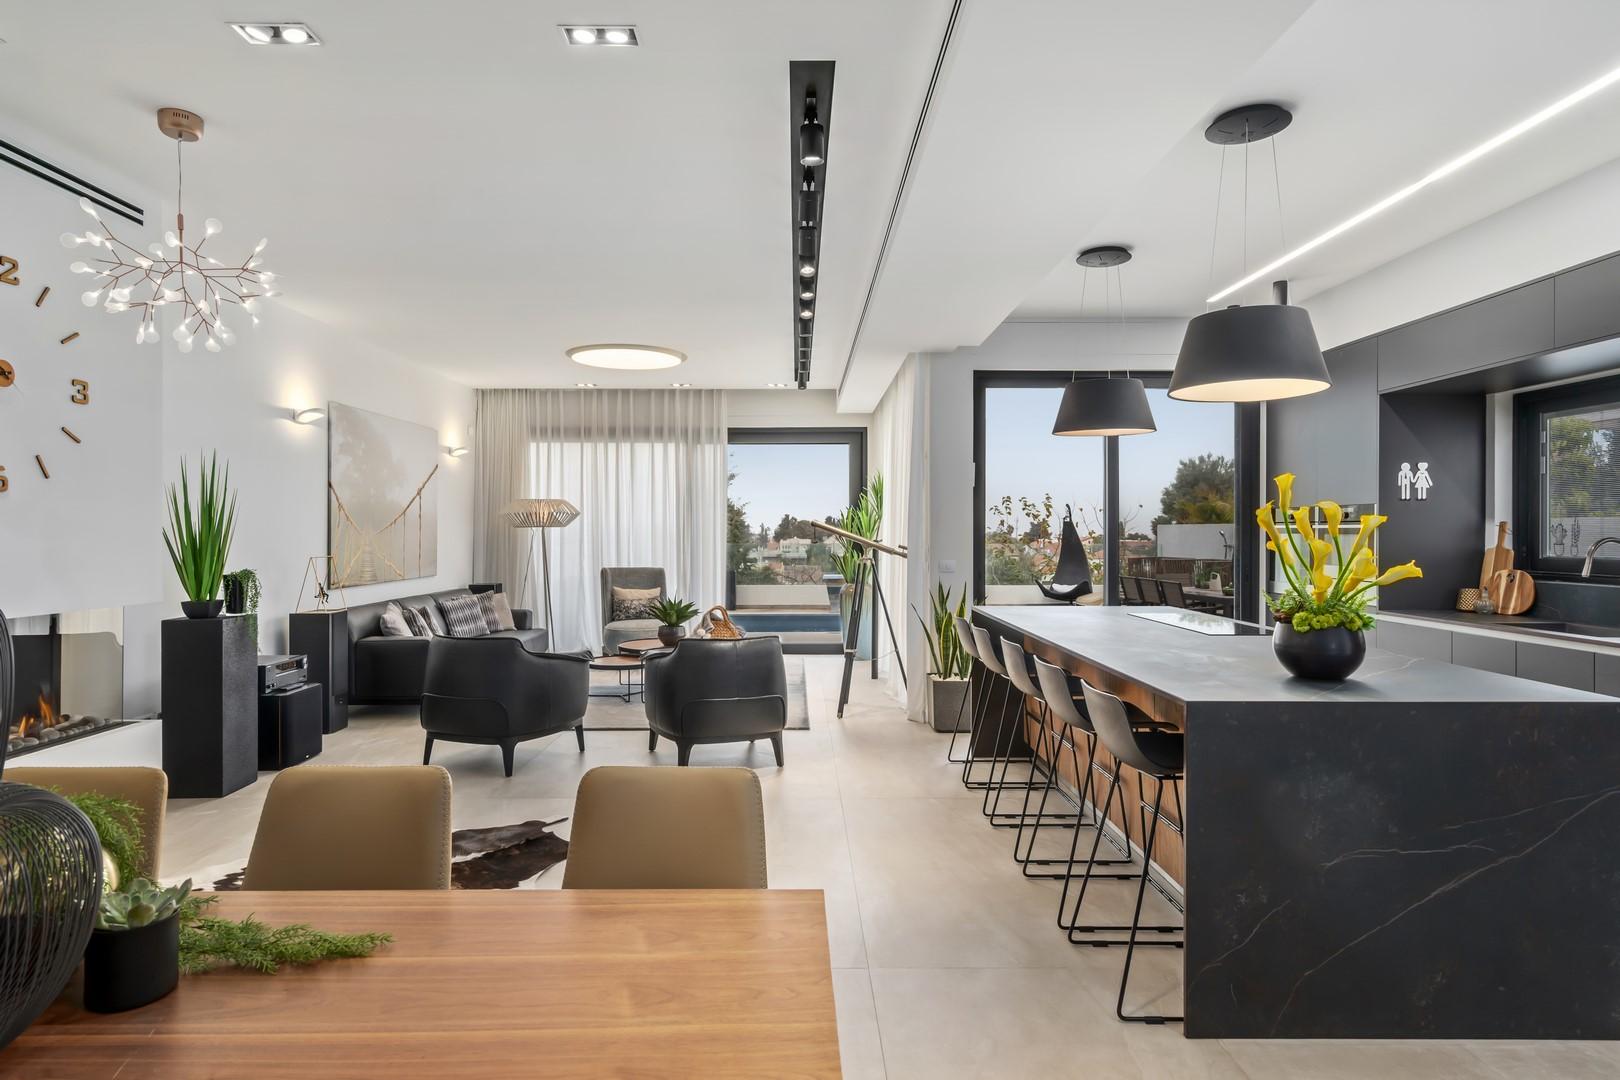 הזמנת רהיטים מסין לסלון, למטבח ולפינת האוכל במחירים משתלמים במיוחד